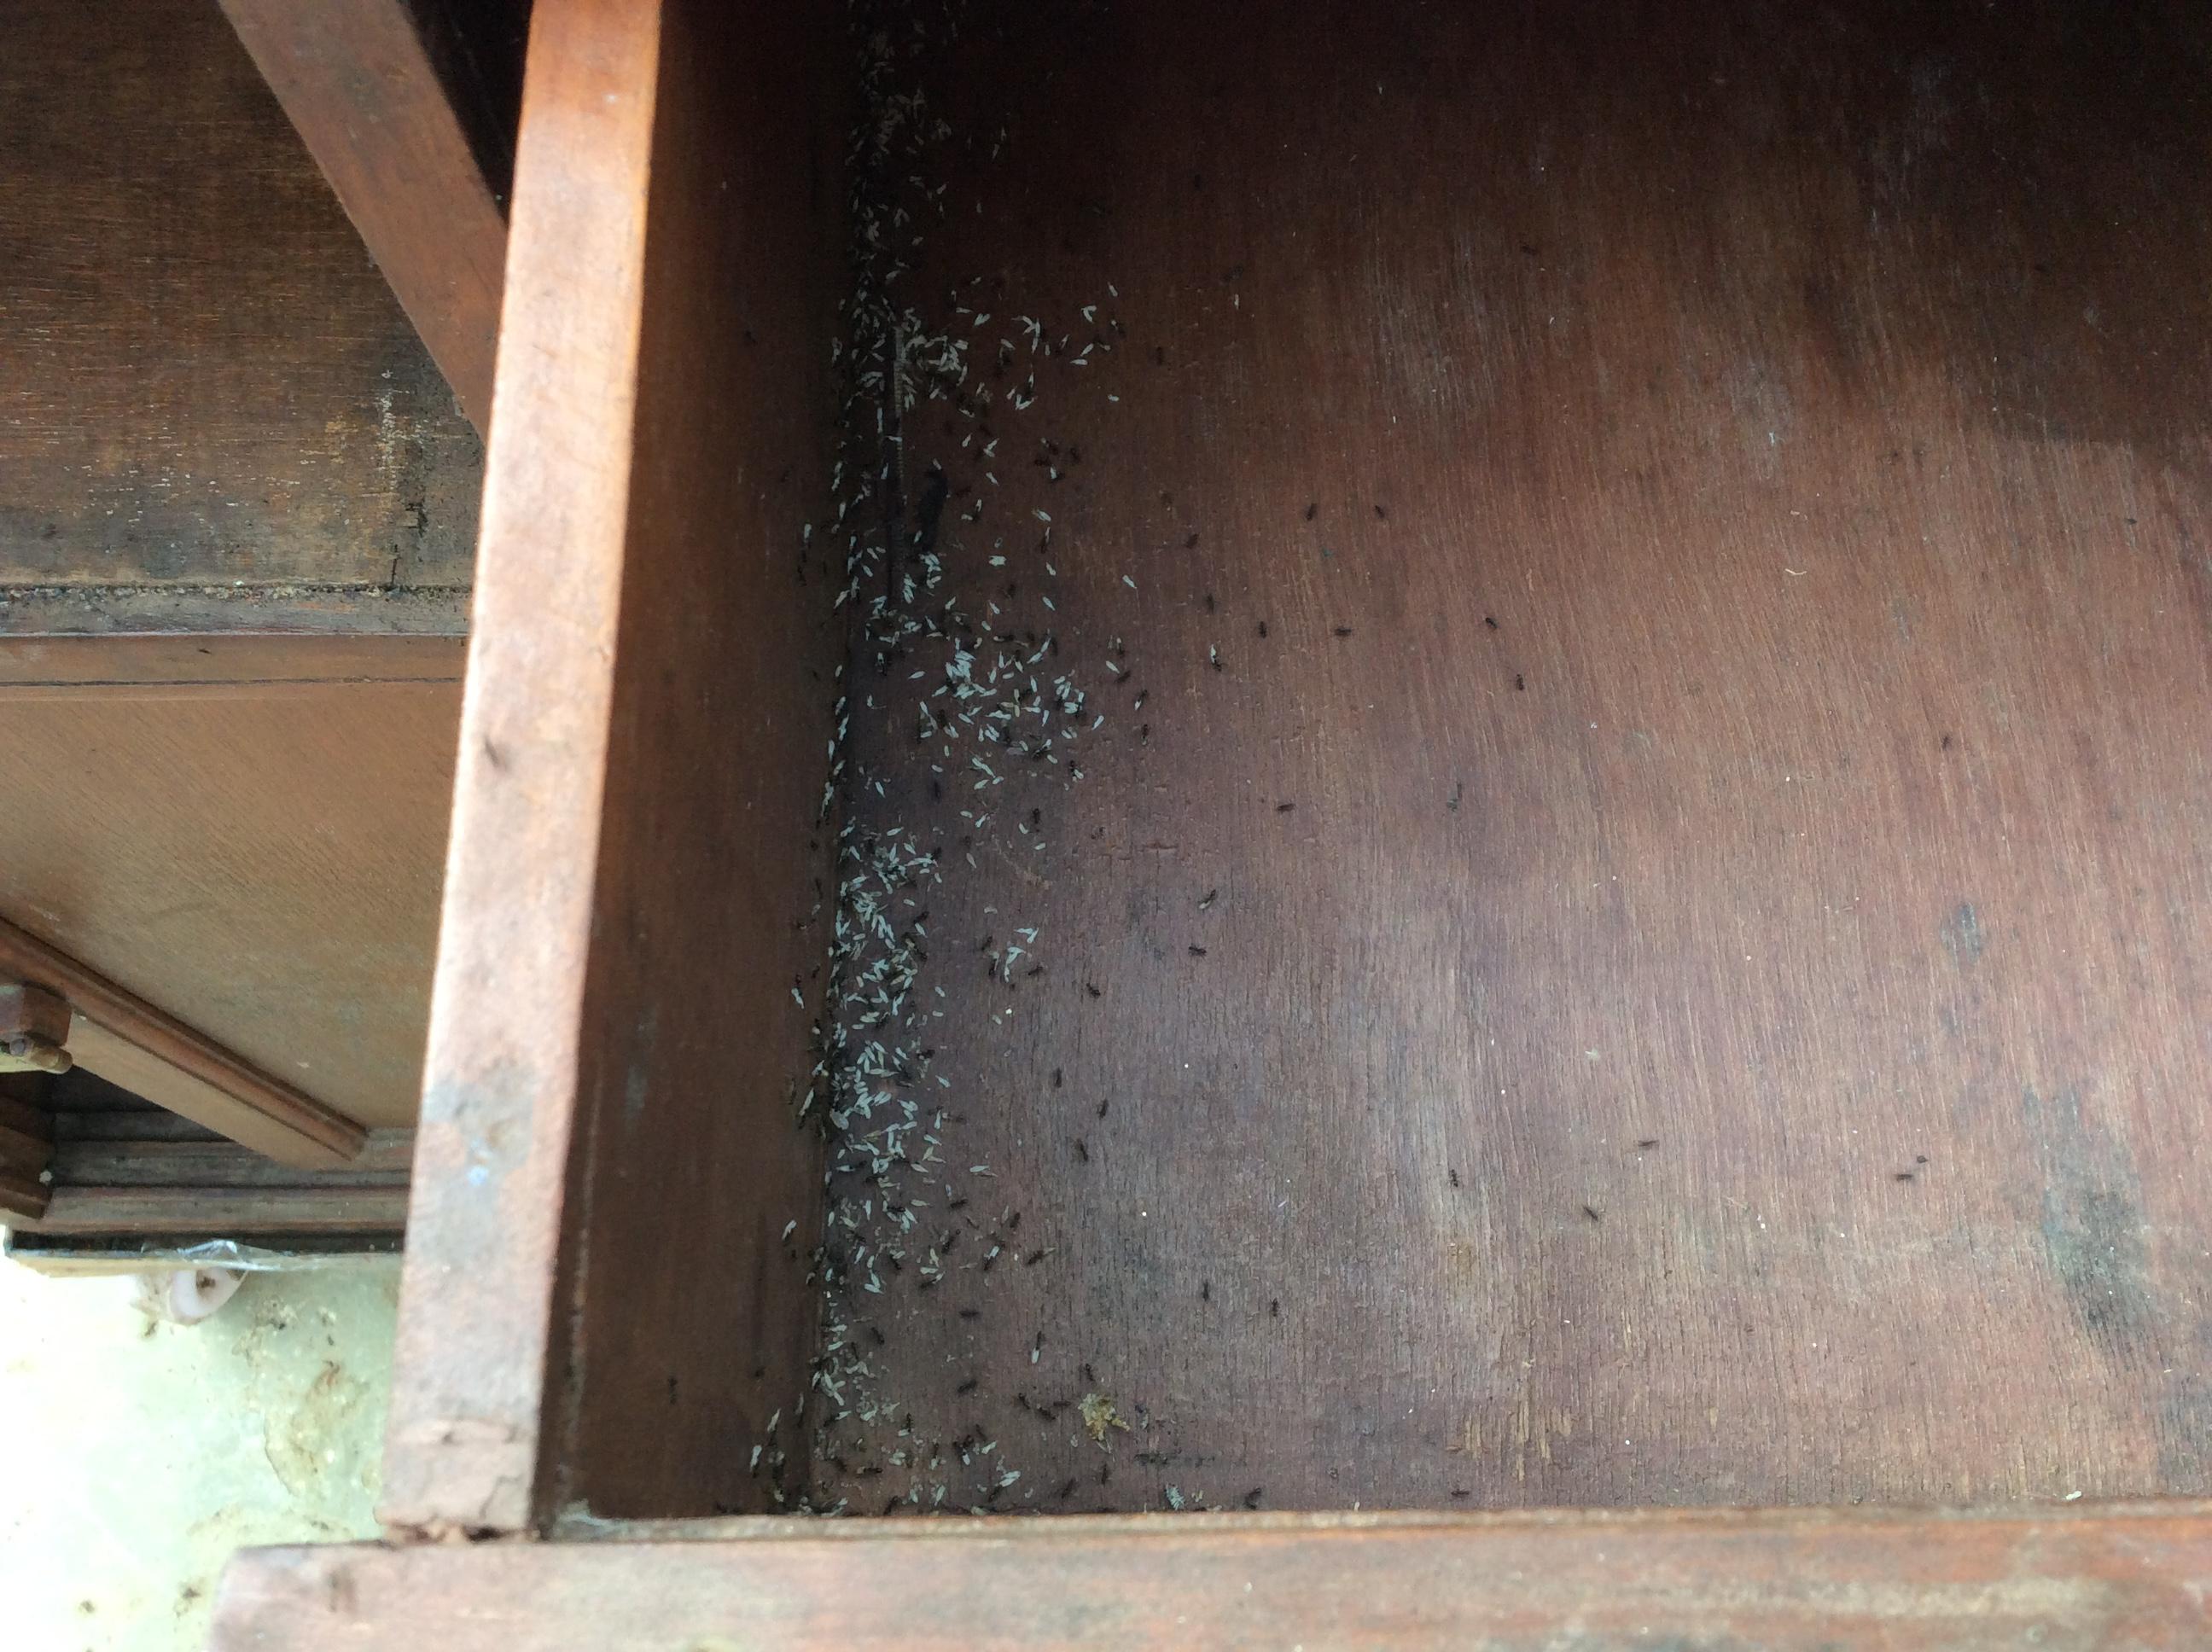 In der Schublade einer alten Kommode lebt ein Ameisenvolk, dass panisch den Nachwuchs in Sicherheit bringt, als wir die Schublade aufziehen.